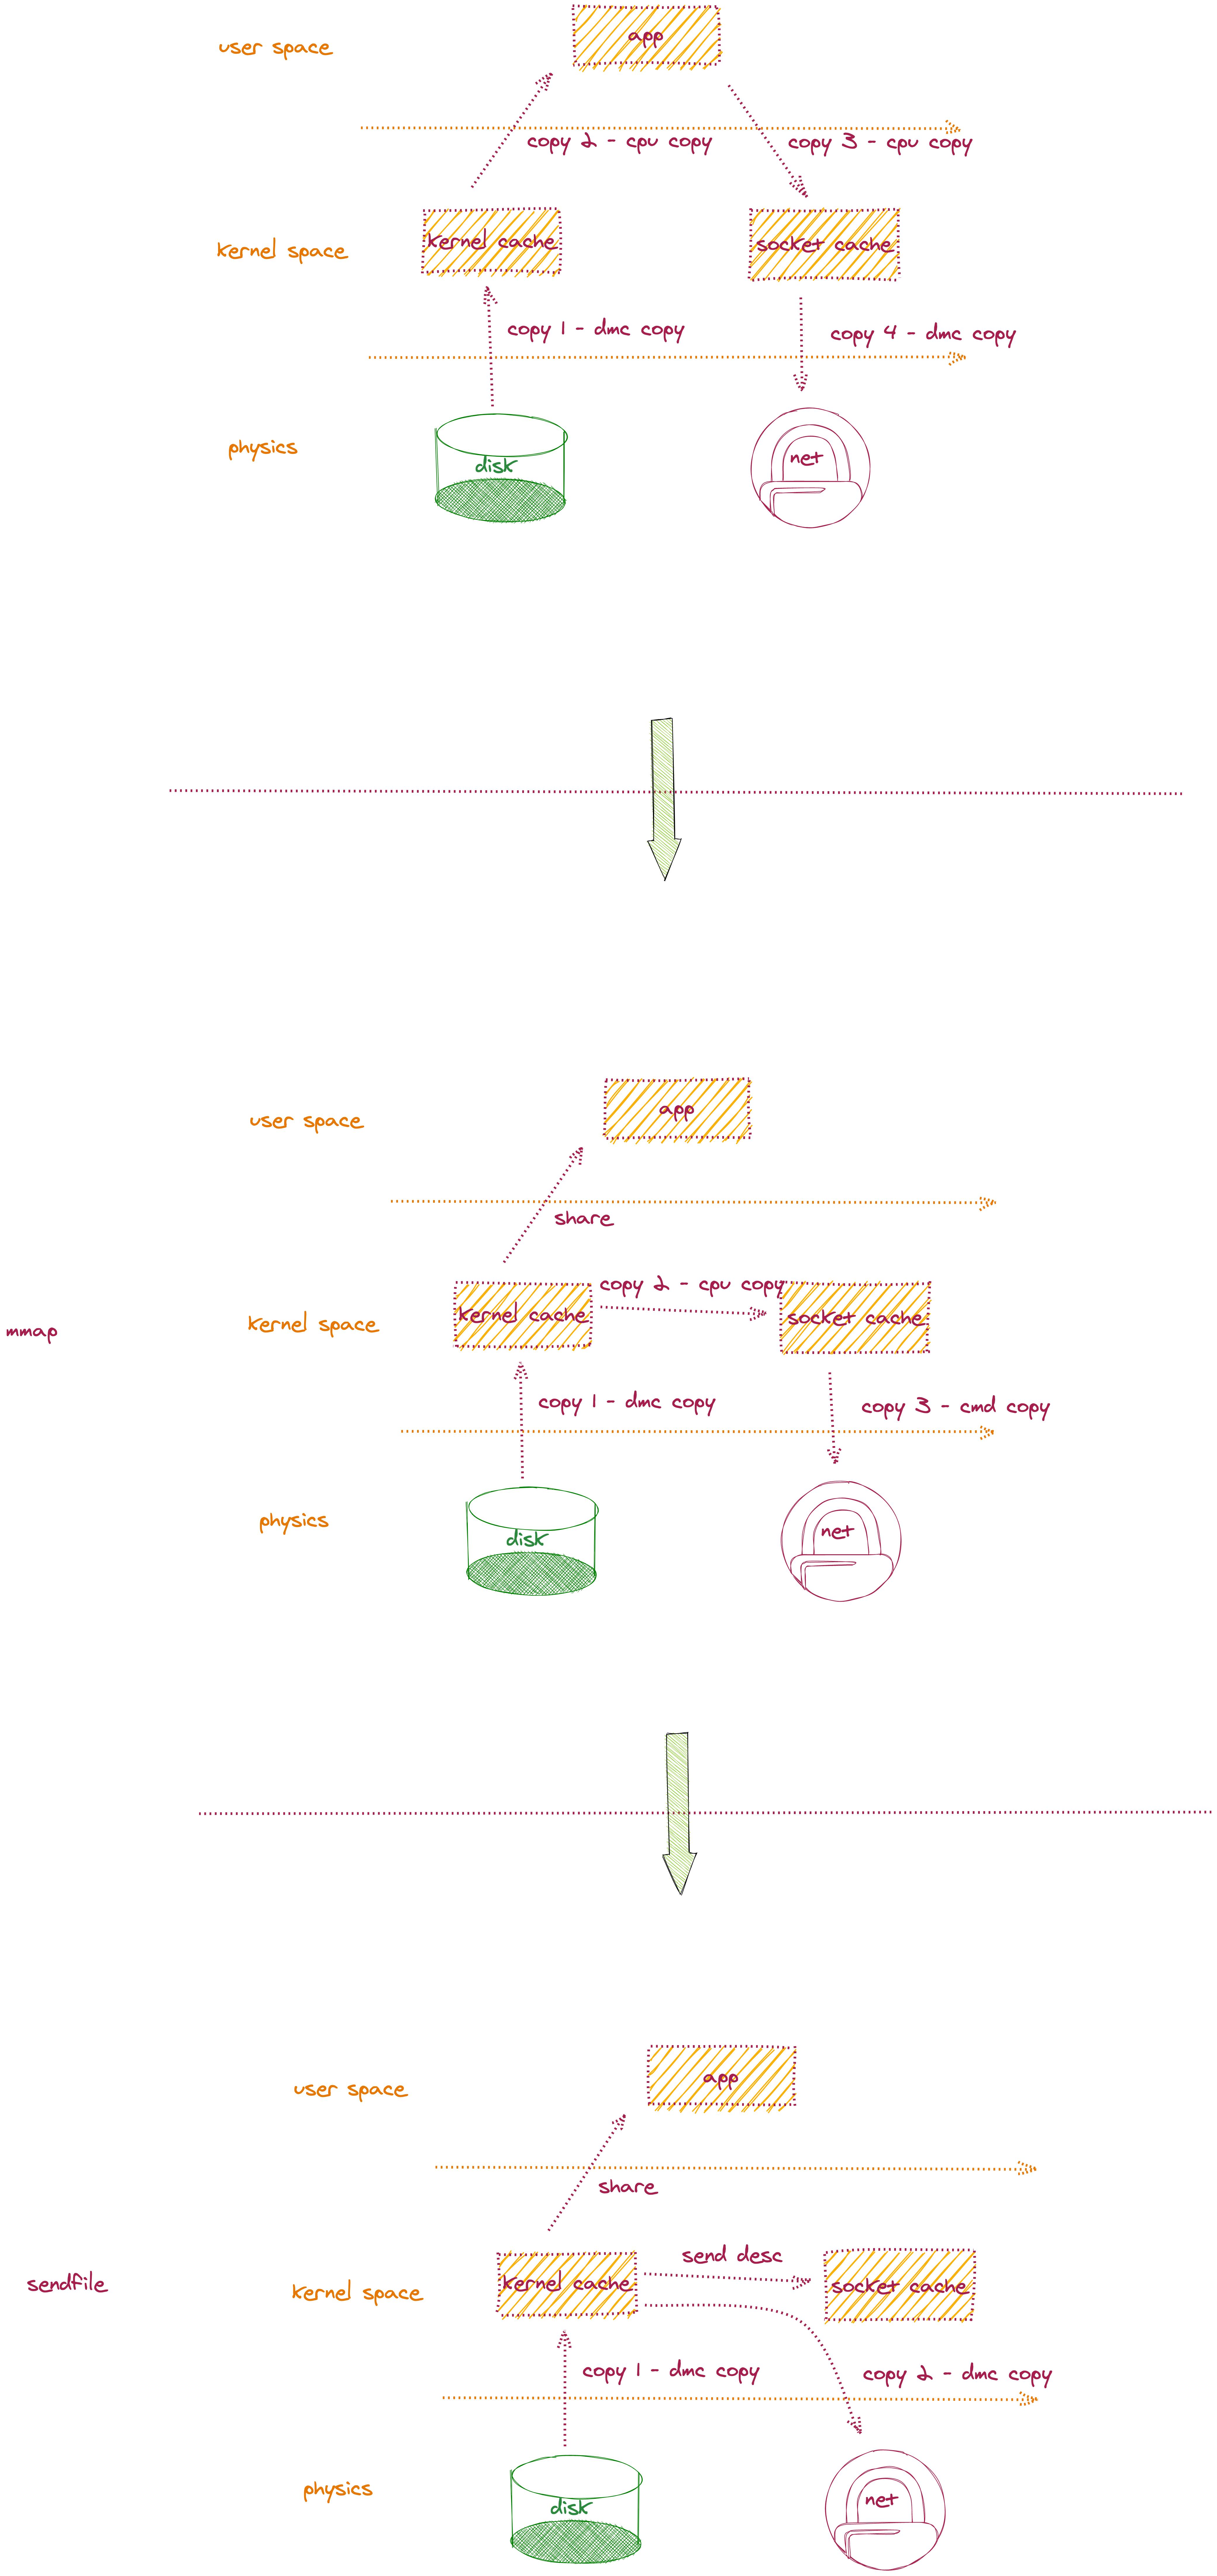 Kafka 零拷贝模型